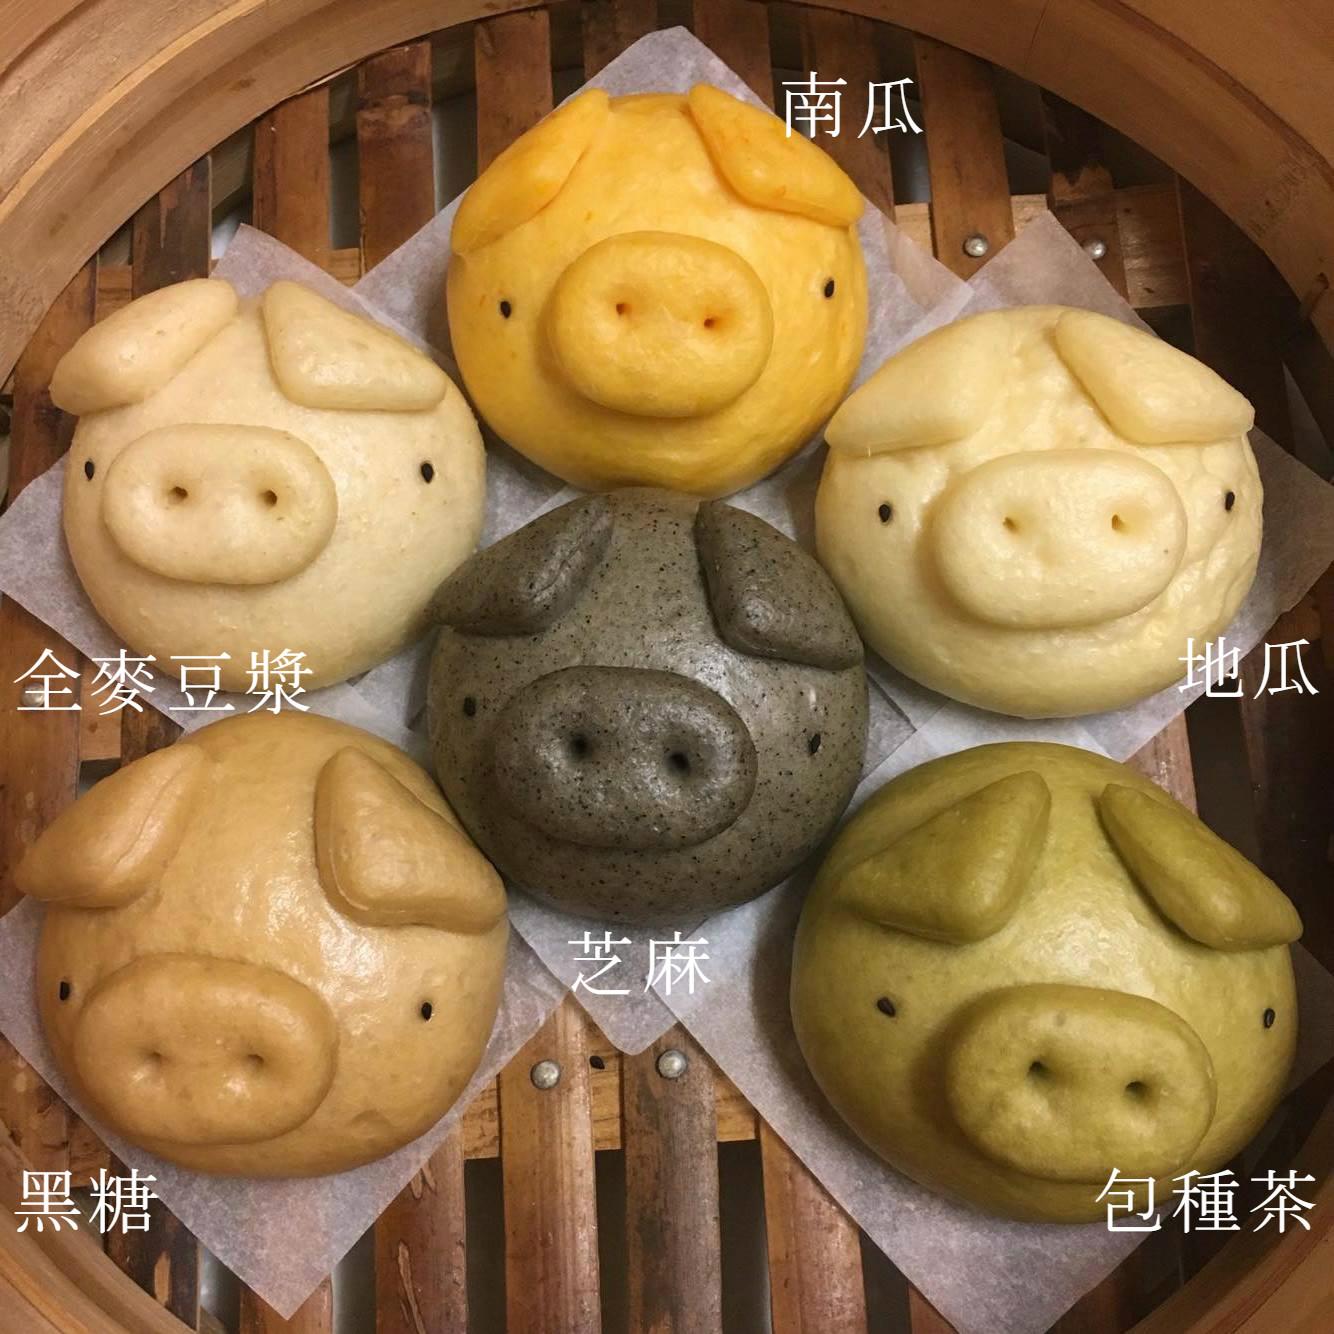 *8入含运优惠*【造型馒头】综合小猪馒头 (纯素) (8入组) 任选1~2种